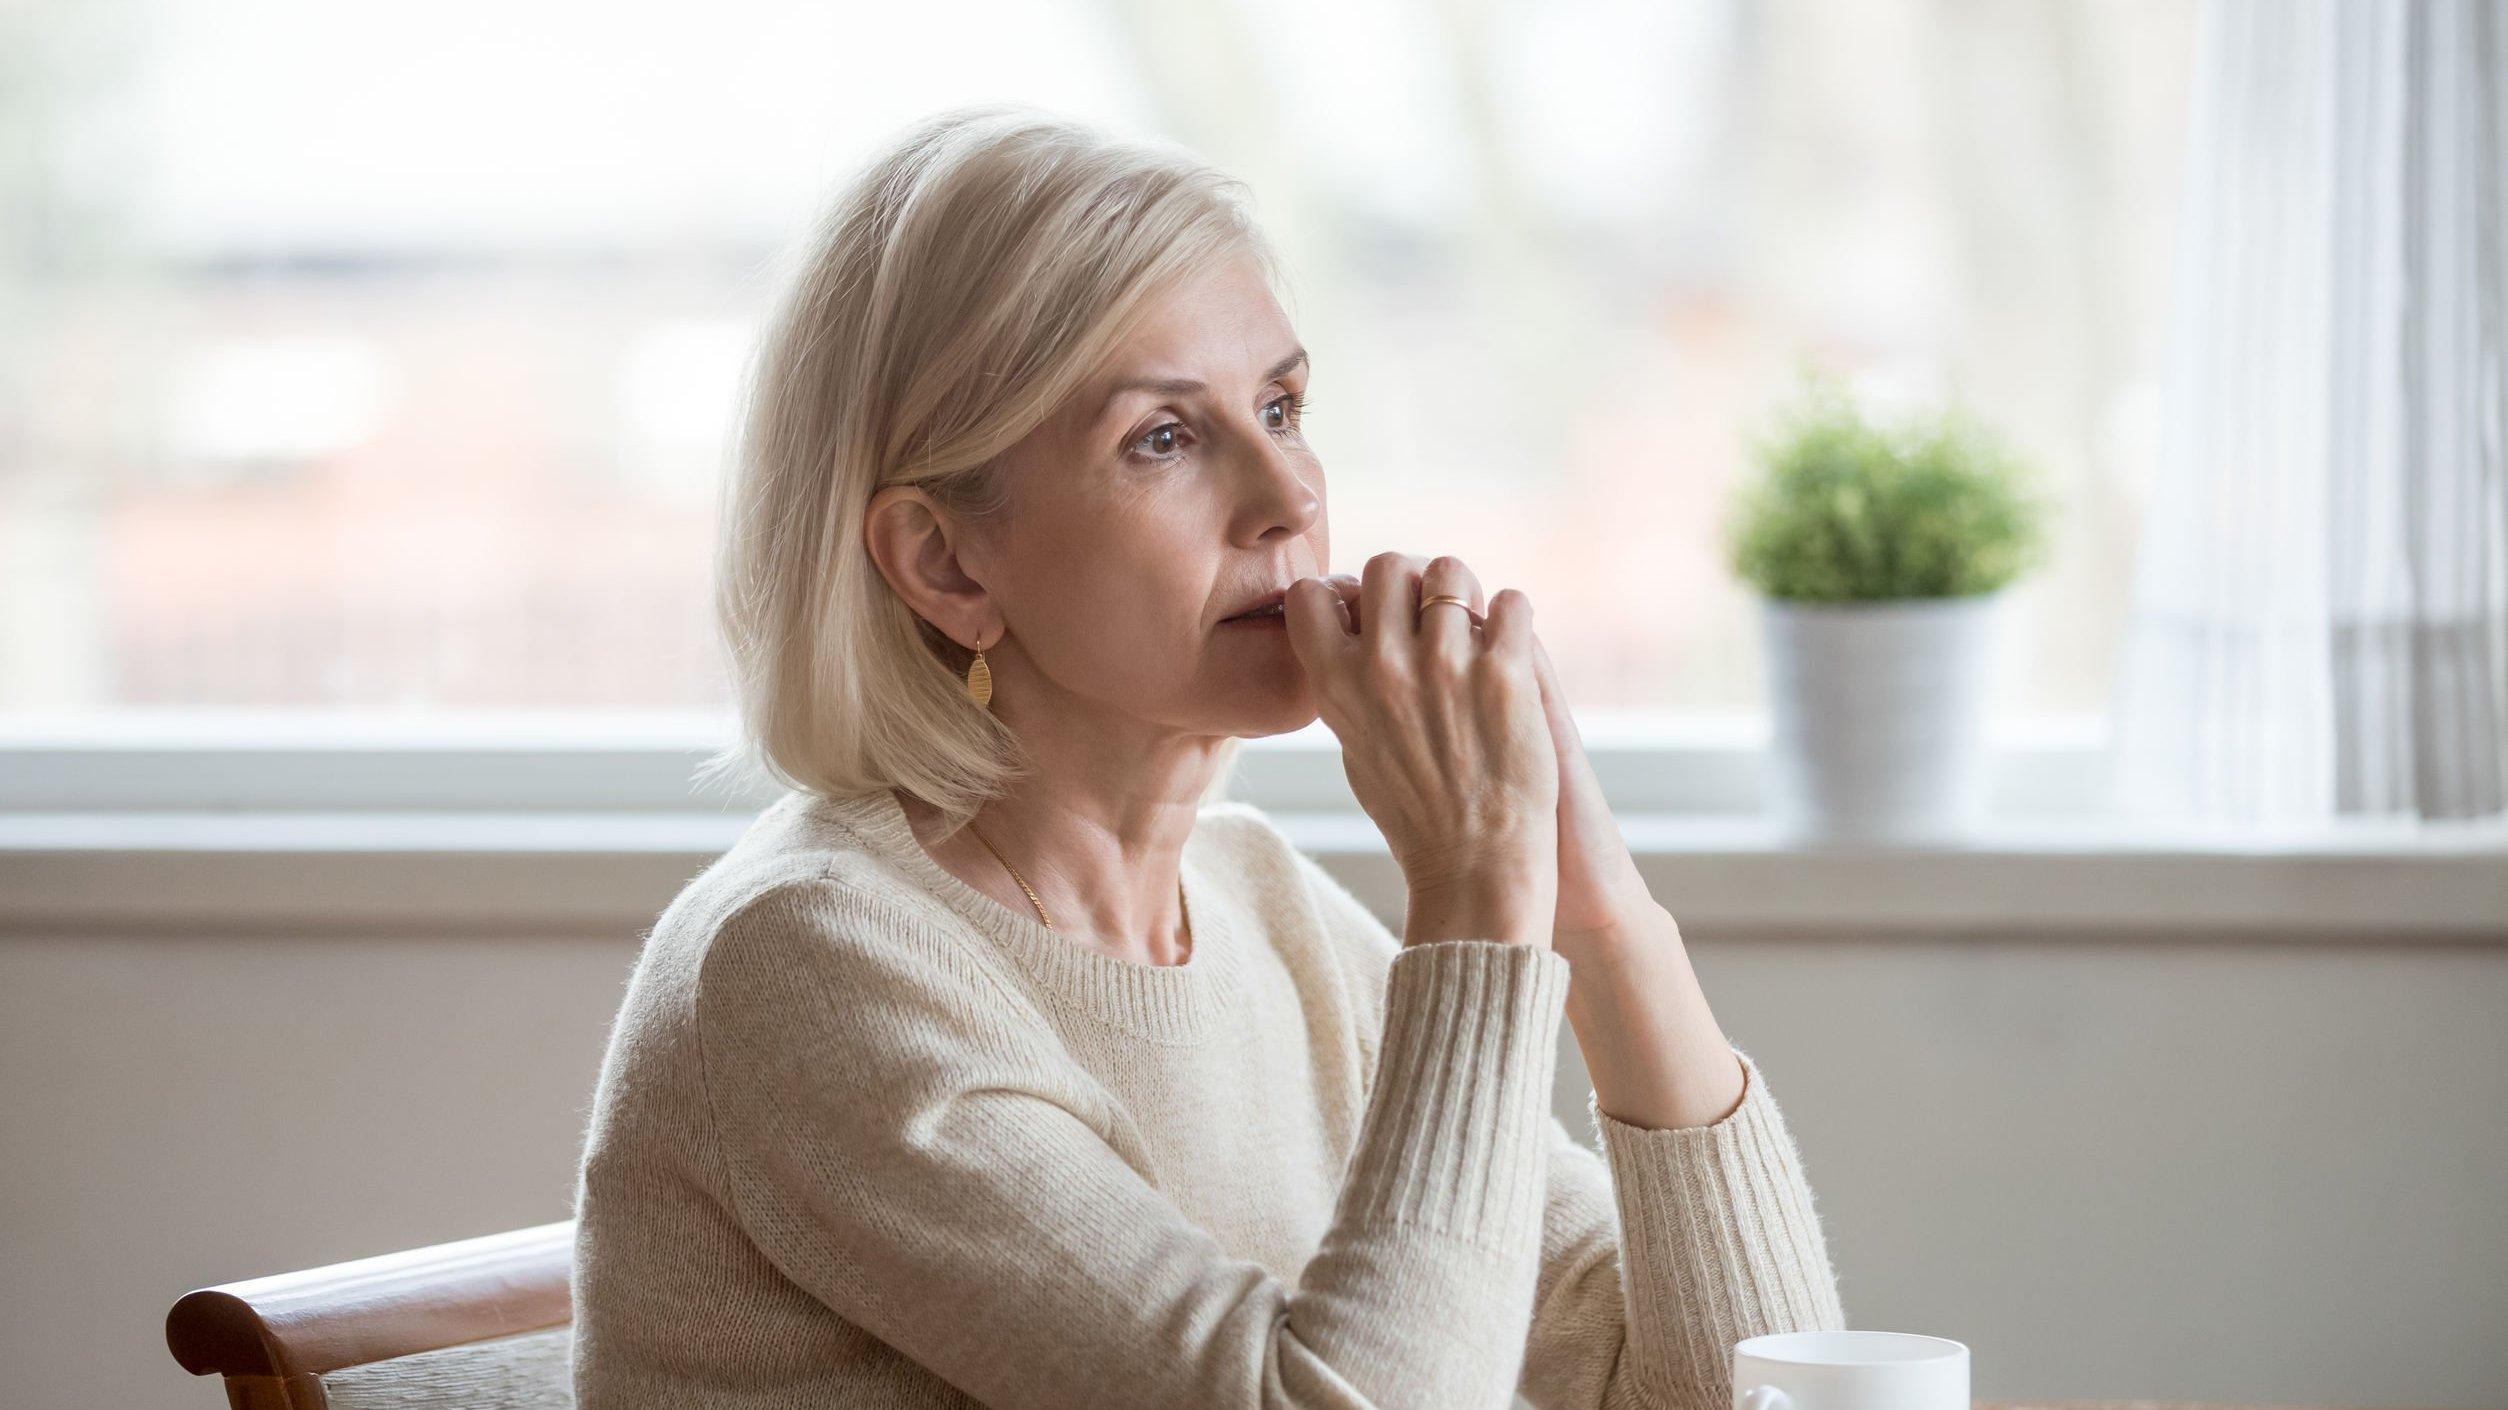 Mulher sentada, expressando estar pensando.